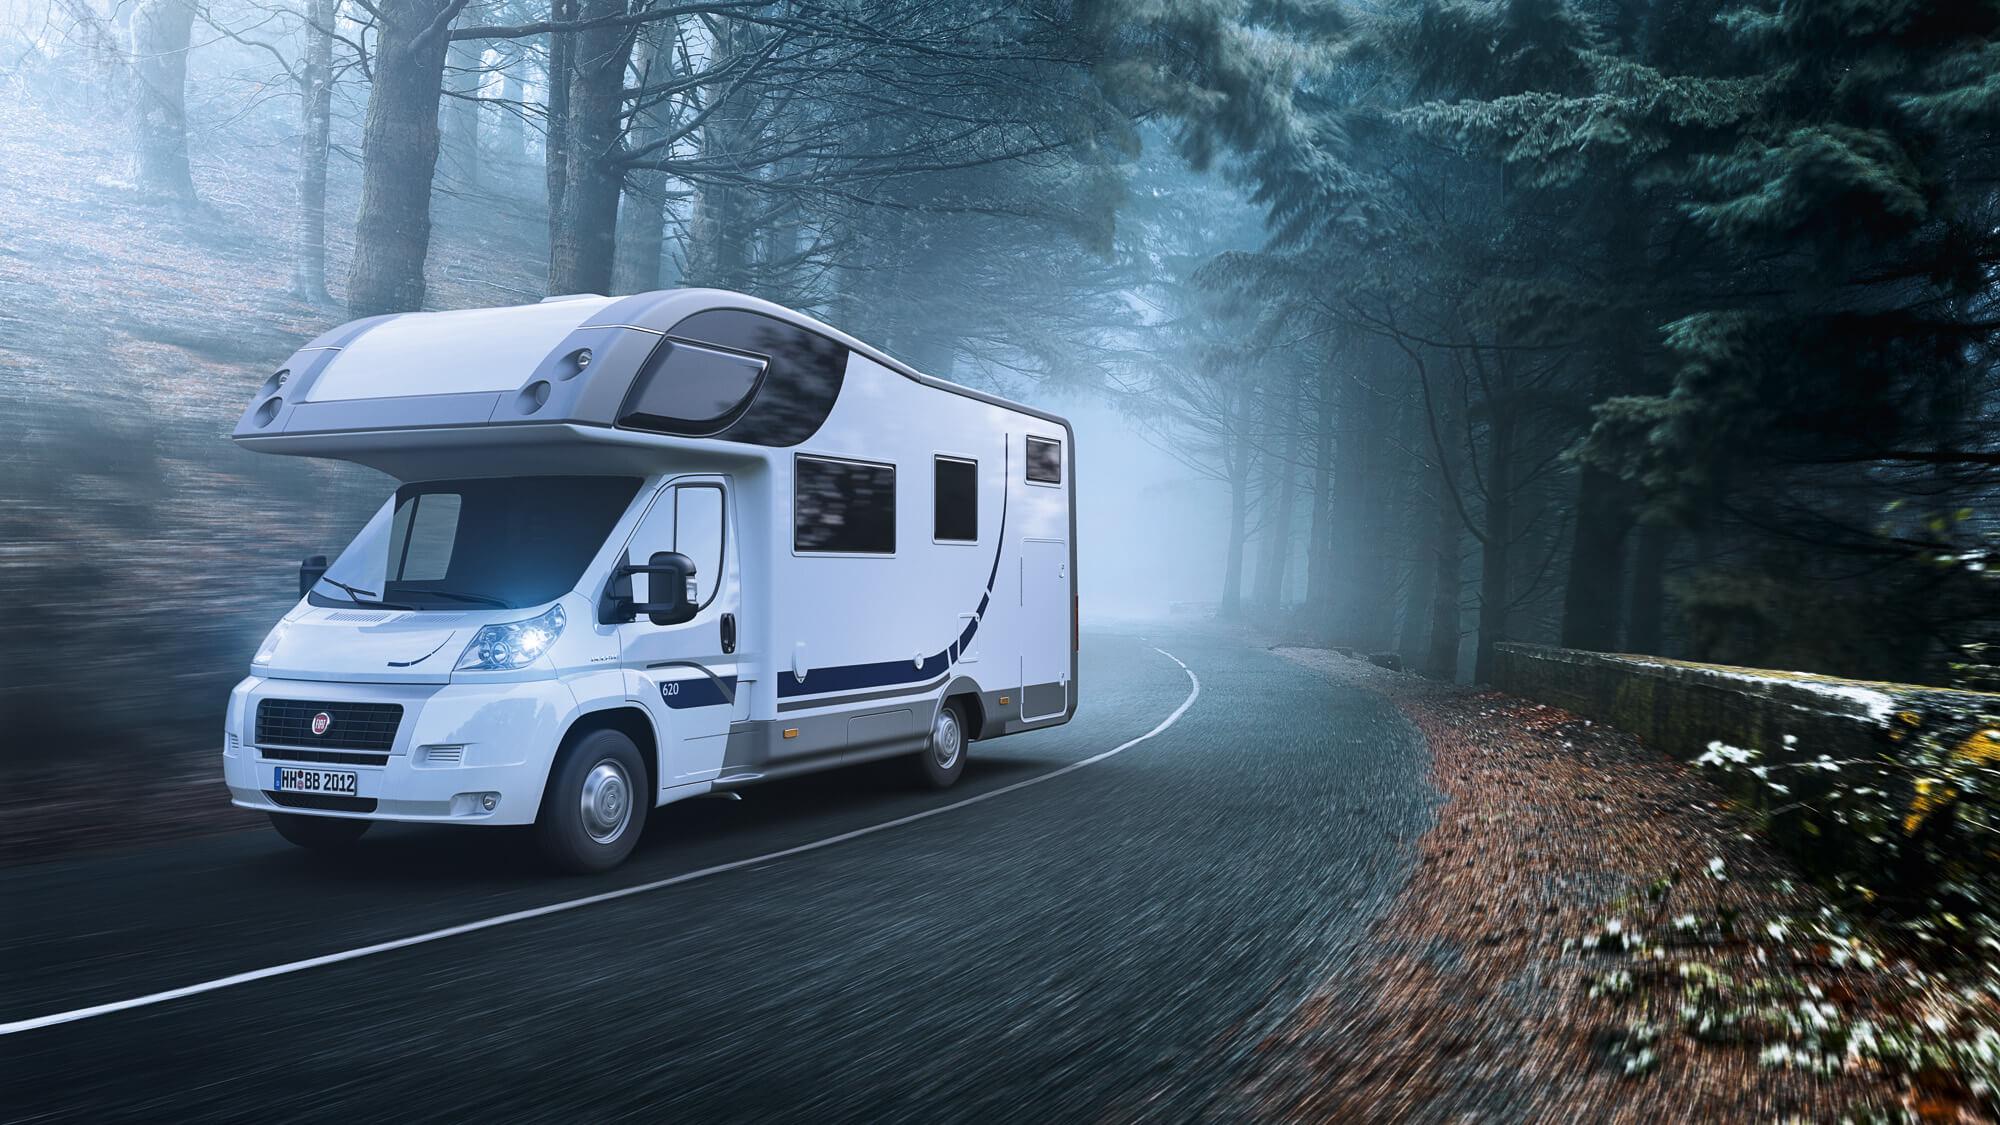 Caravan fährt auf Landstrasse durch einen Wald mit Nebel